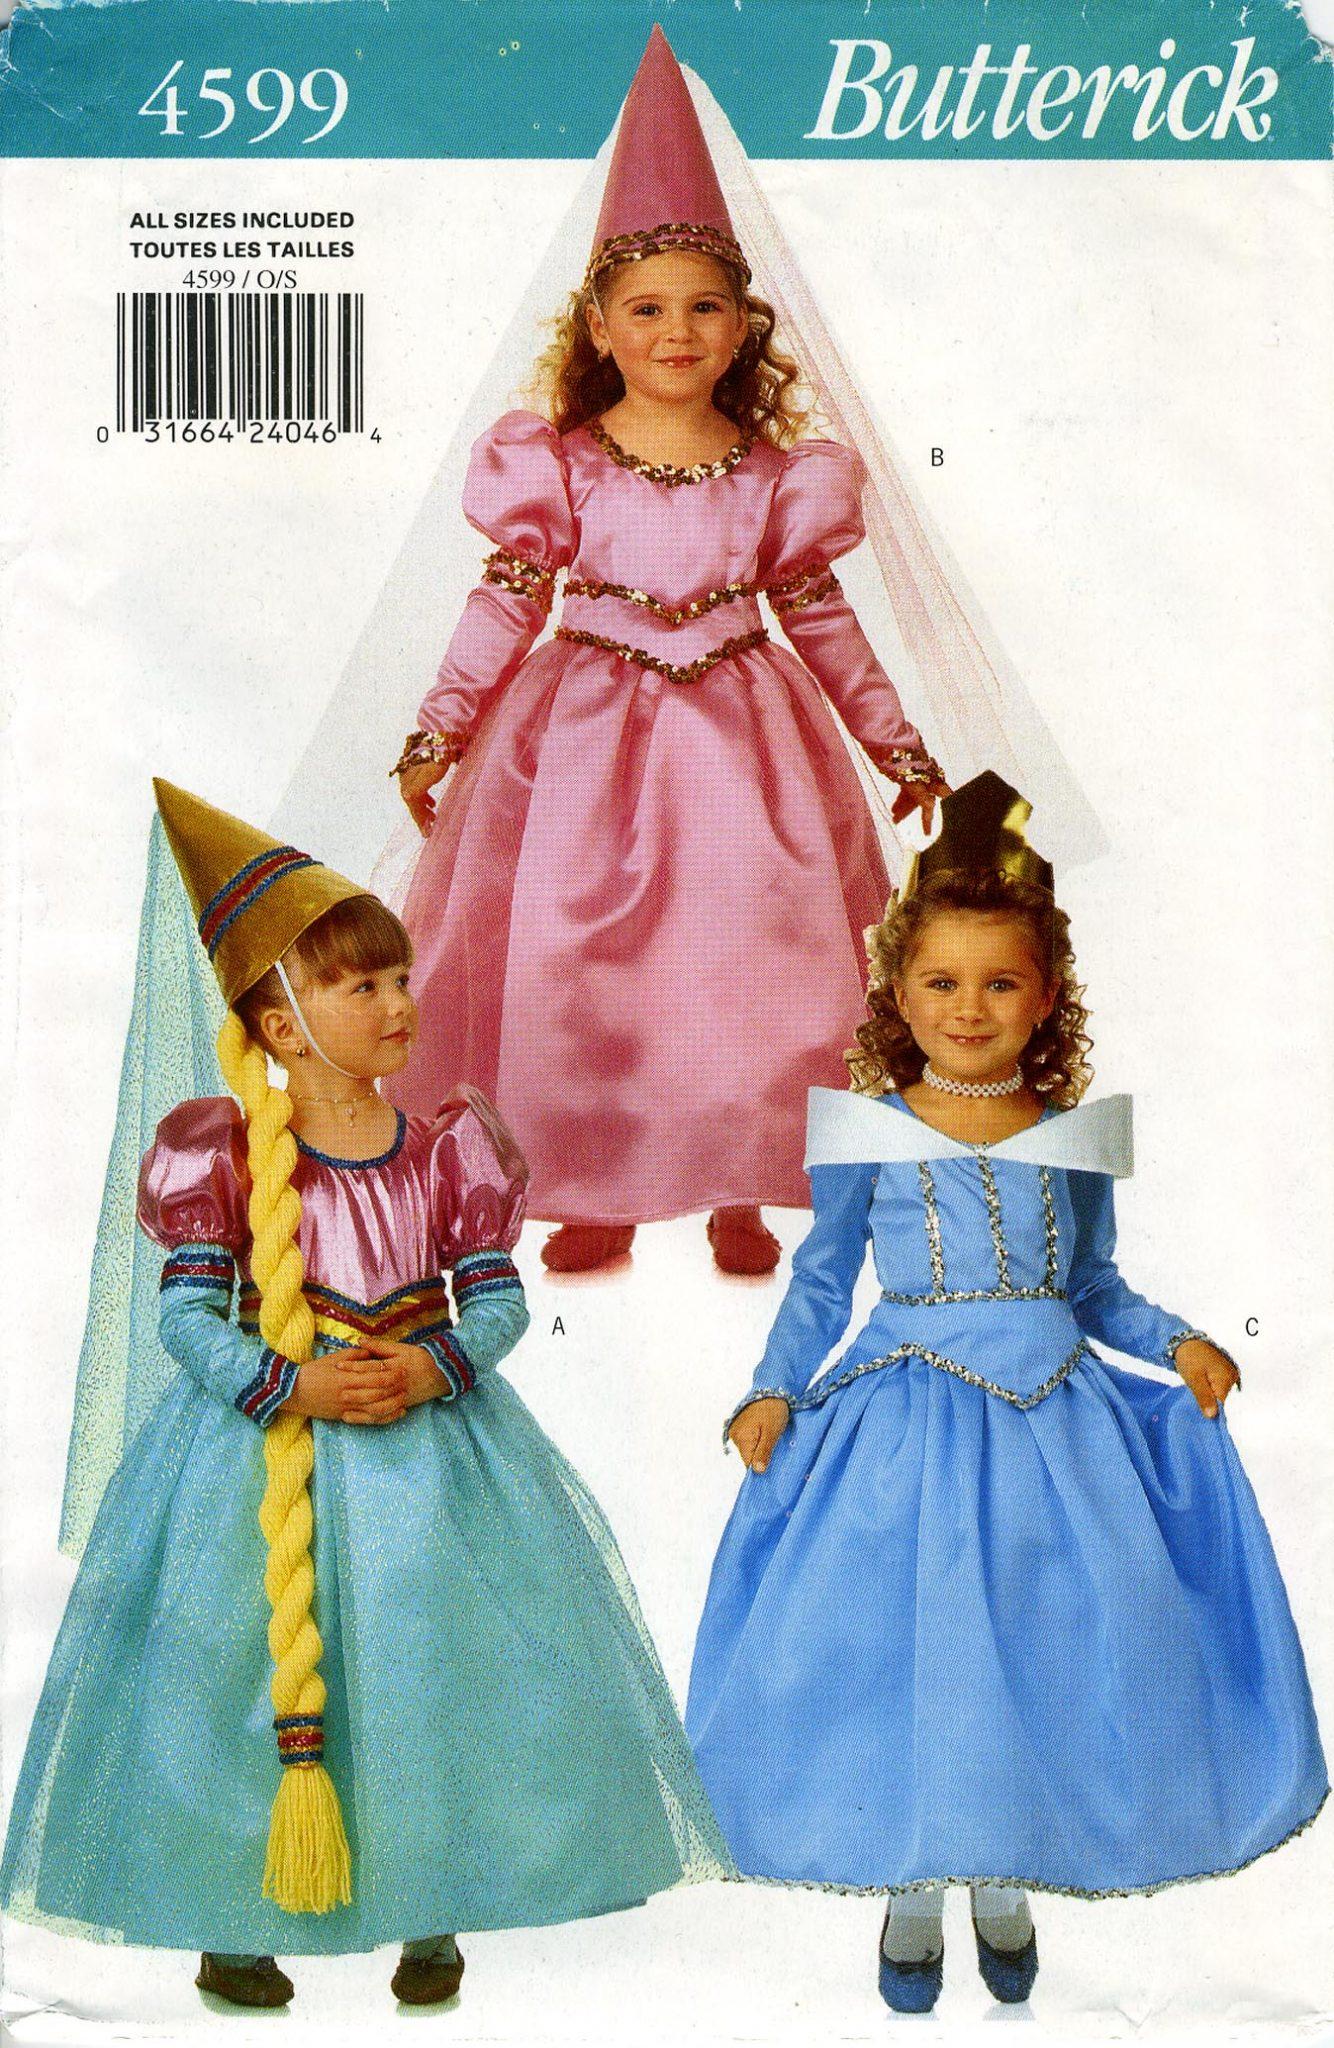 PRINCESS \ RAPUNZEL COSTUMES - Butterick 4599, Girls 2-6X